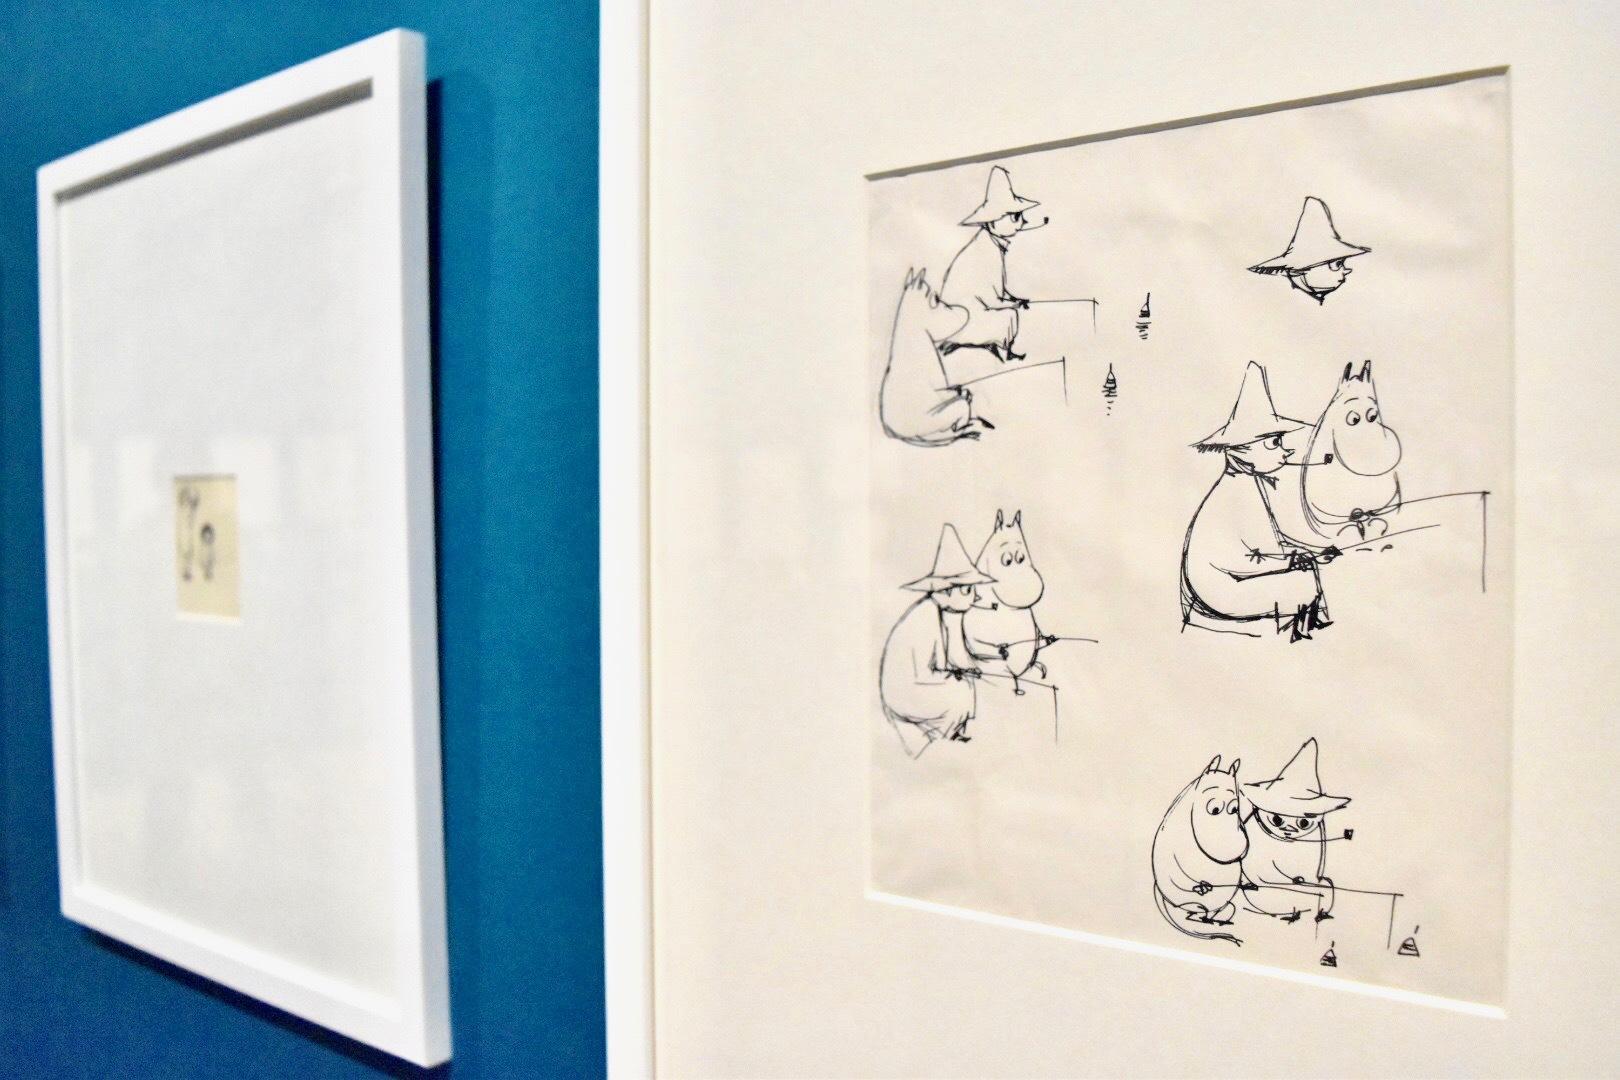 「世界でいちばんさいごの竜」スケッチ 1962年 ムーミン美術館